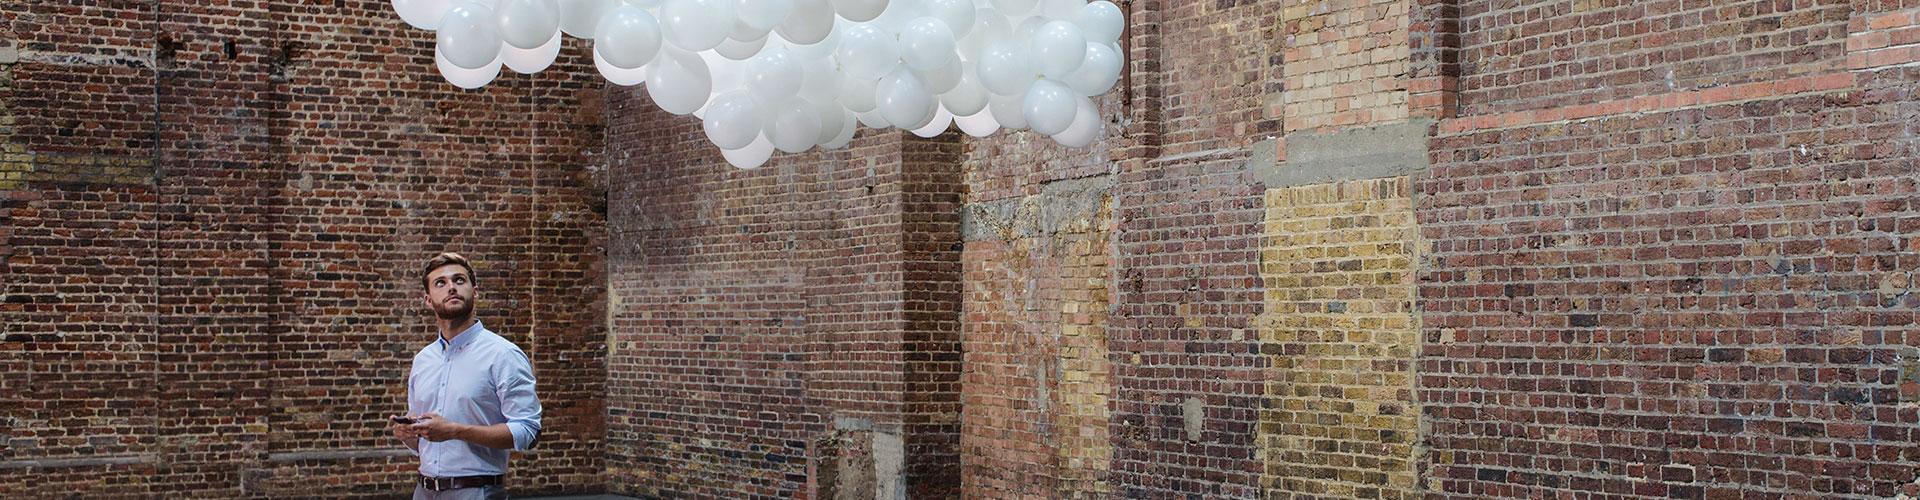 Bechtle Cloud sauvegarde données